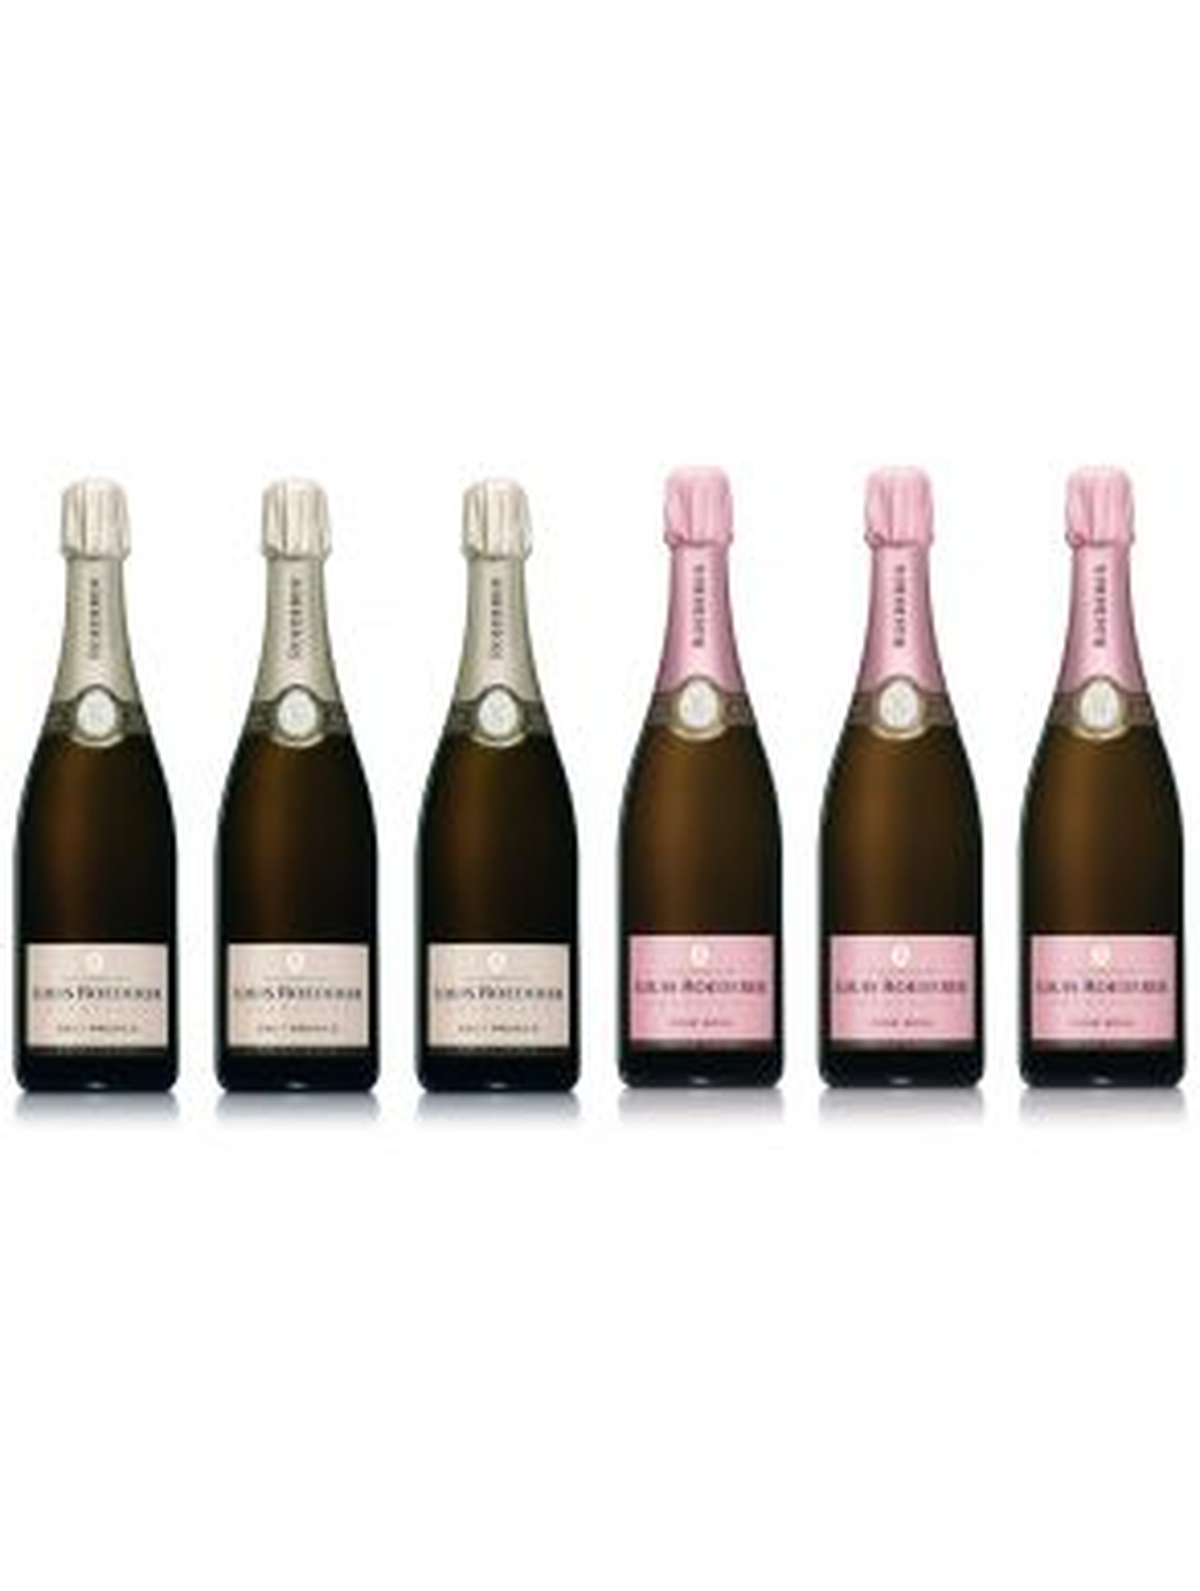 Louis Roederer Brut Premier & Vintage Rose 2011 Champagne 75cl x 6